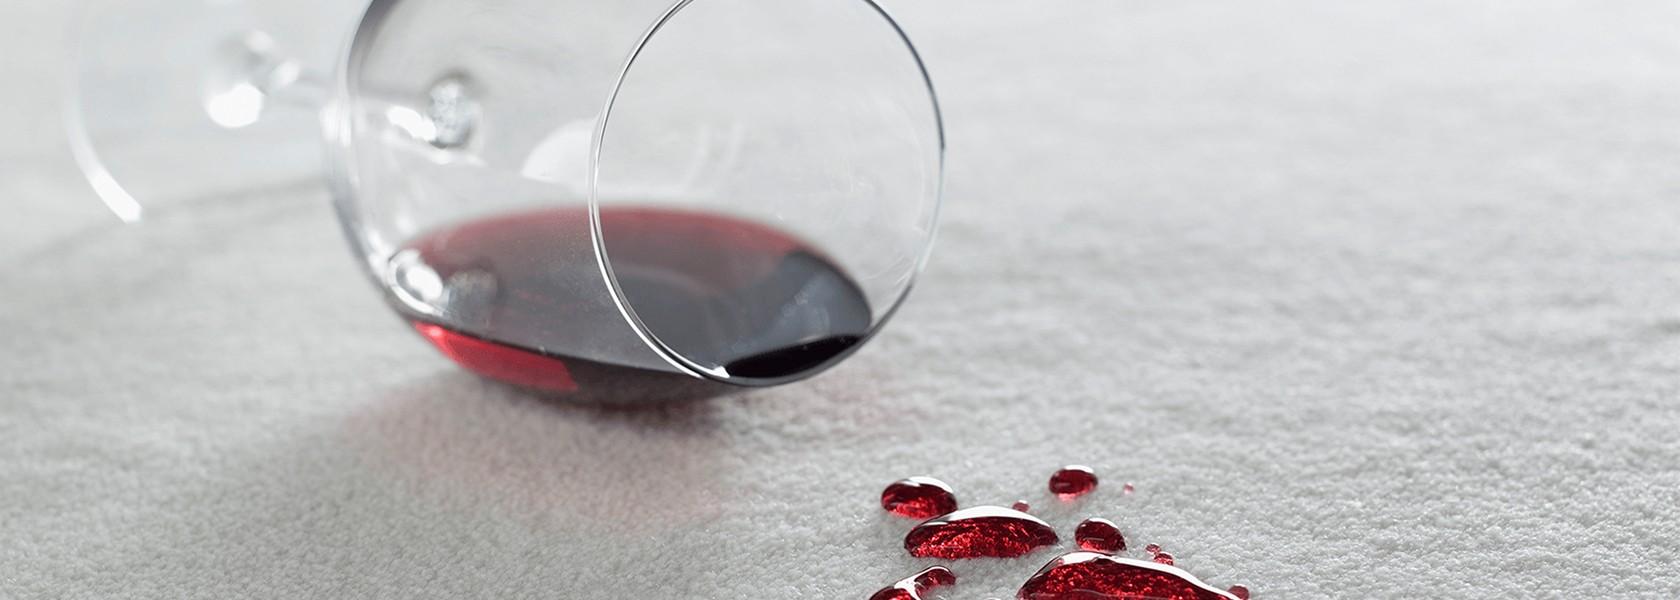 Ein umgekipptes Glas mit Rotwein, auf dem weißen Teppich einige Weintropfen.